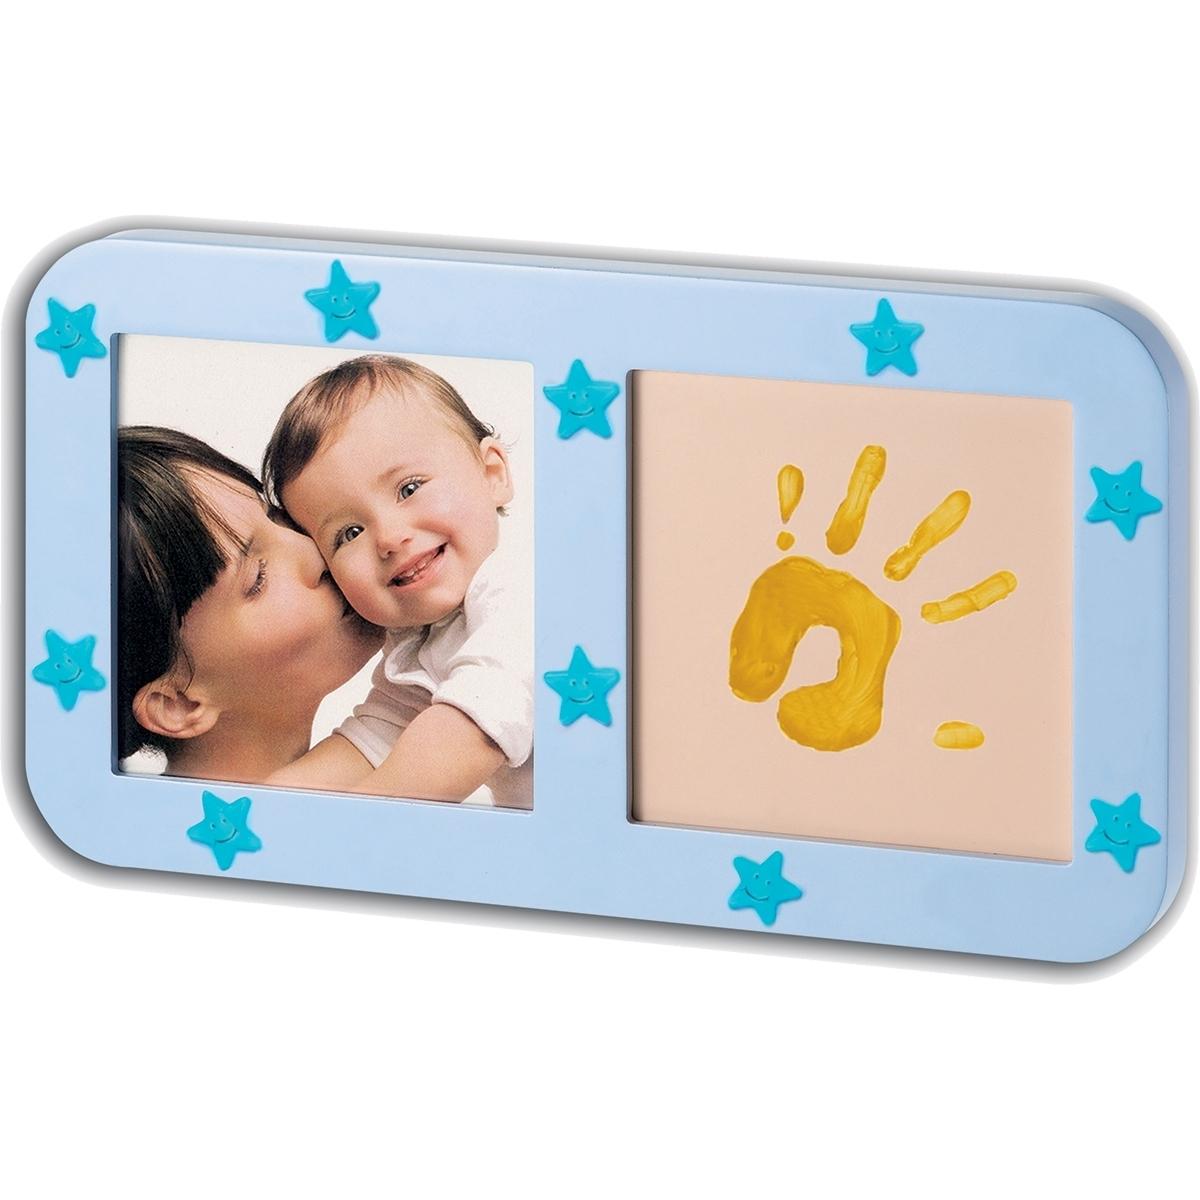 Рамочка Baby Art с объемными слепками фото + отпечаток<br>